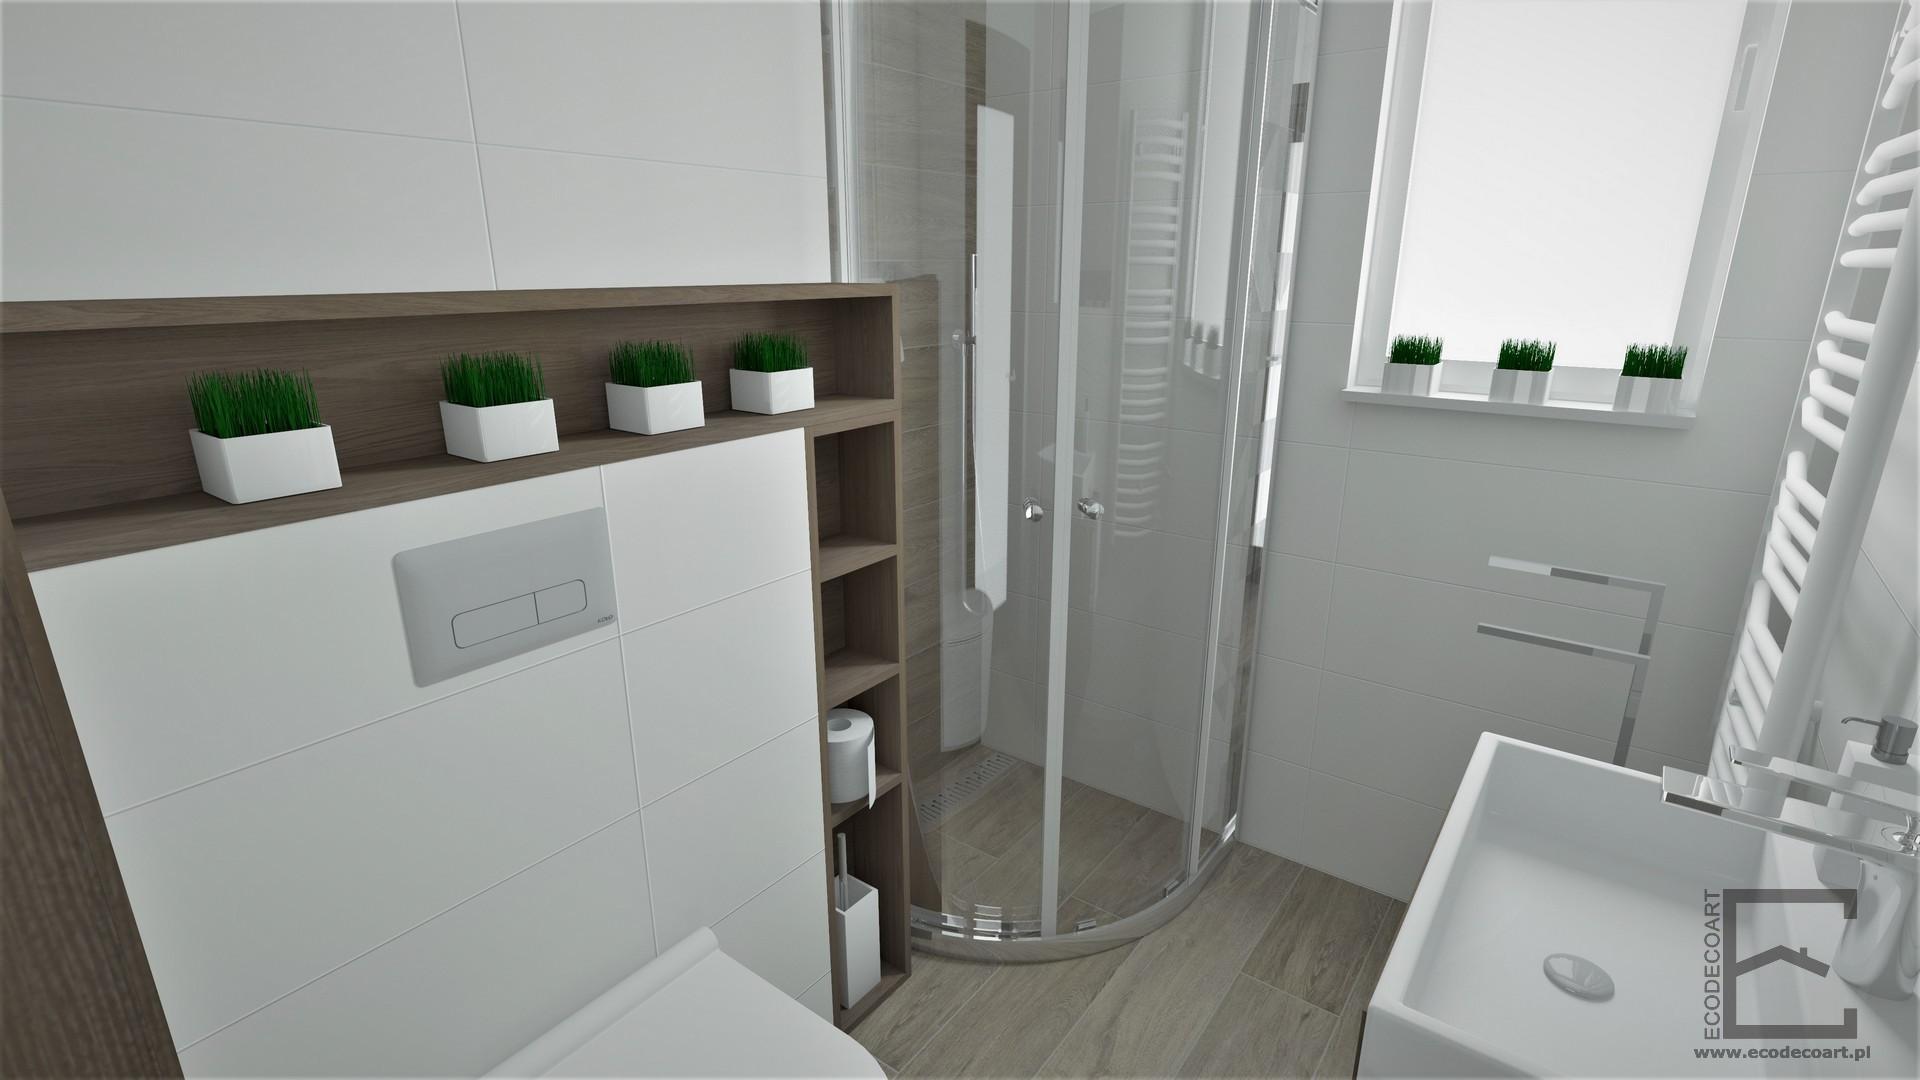 Łazienka w Leżajsku w dwóch wersjach